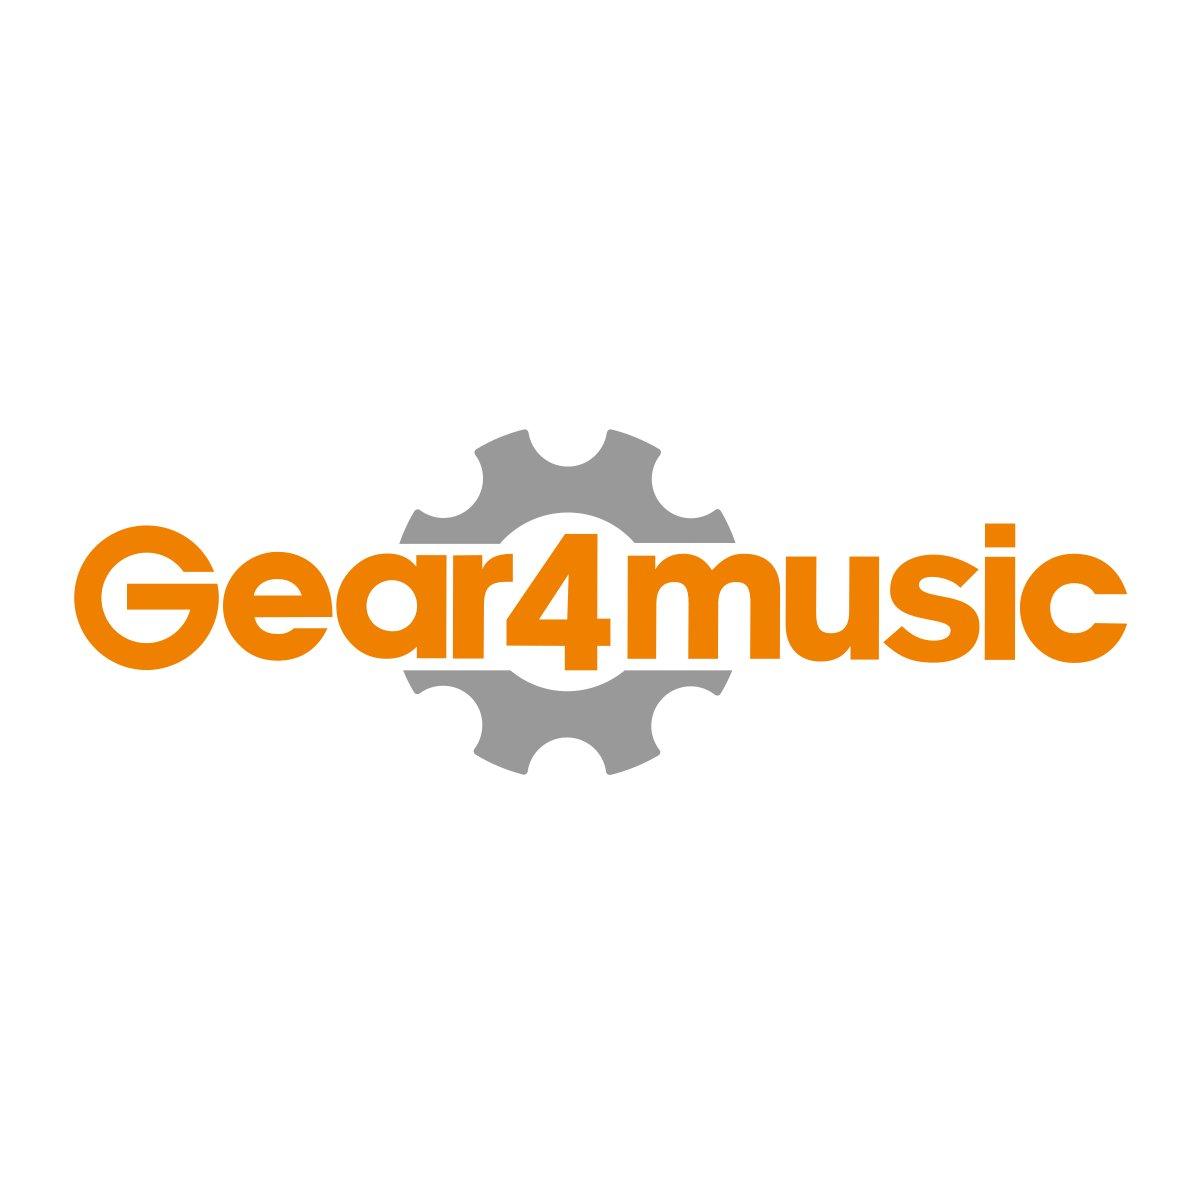 Deluxe kovček za električna kitara izdelan po Custom od Gear4music